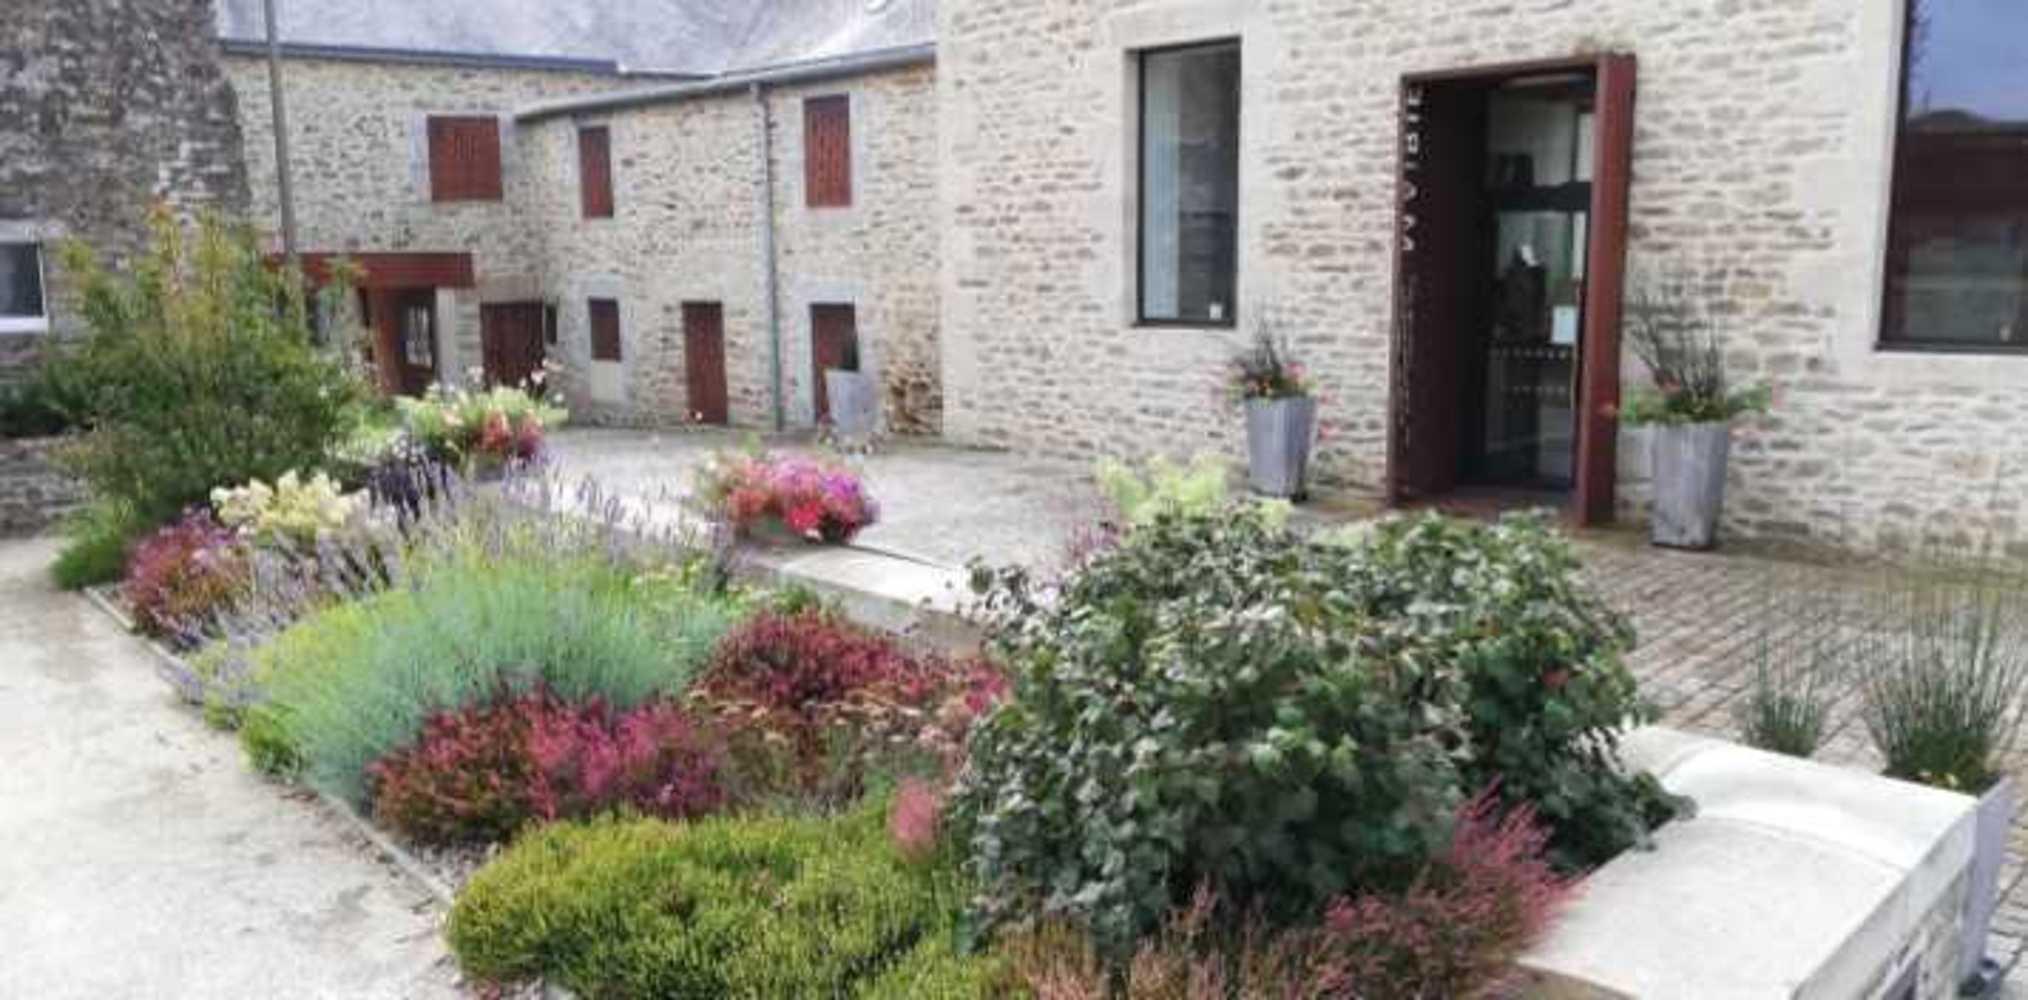 Concours régional villes et villages fleuris : Première Fleur pour Plouguenast-Langast image4